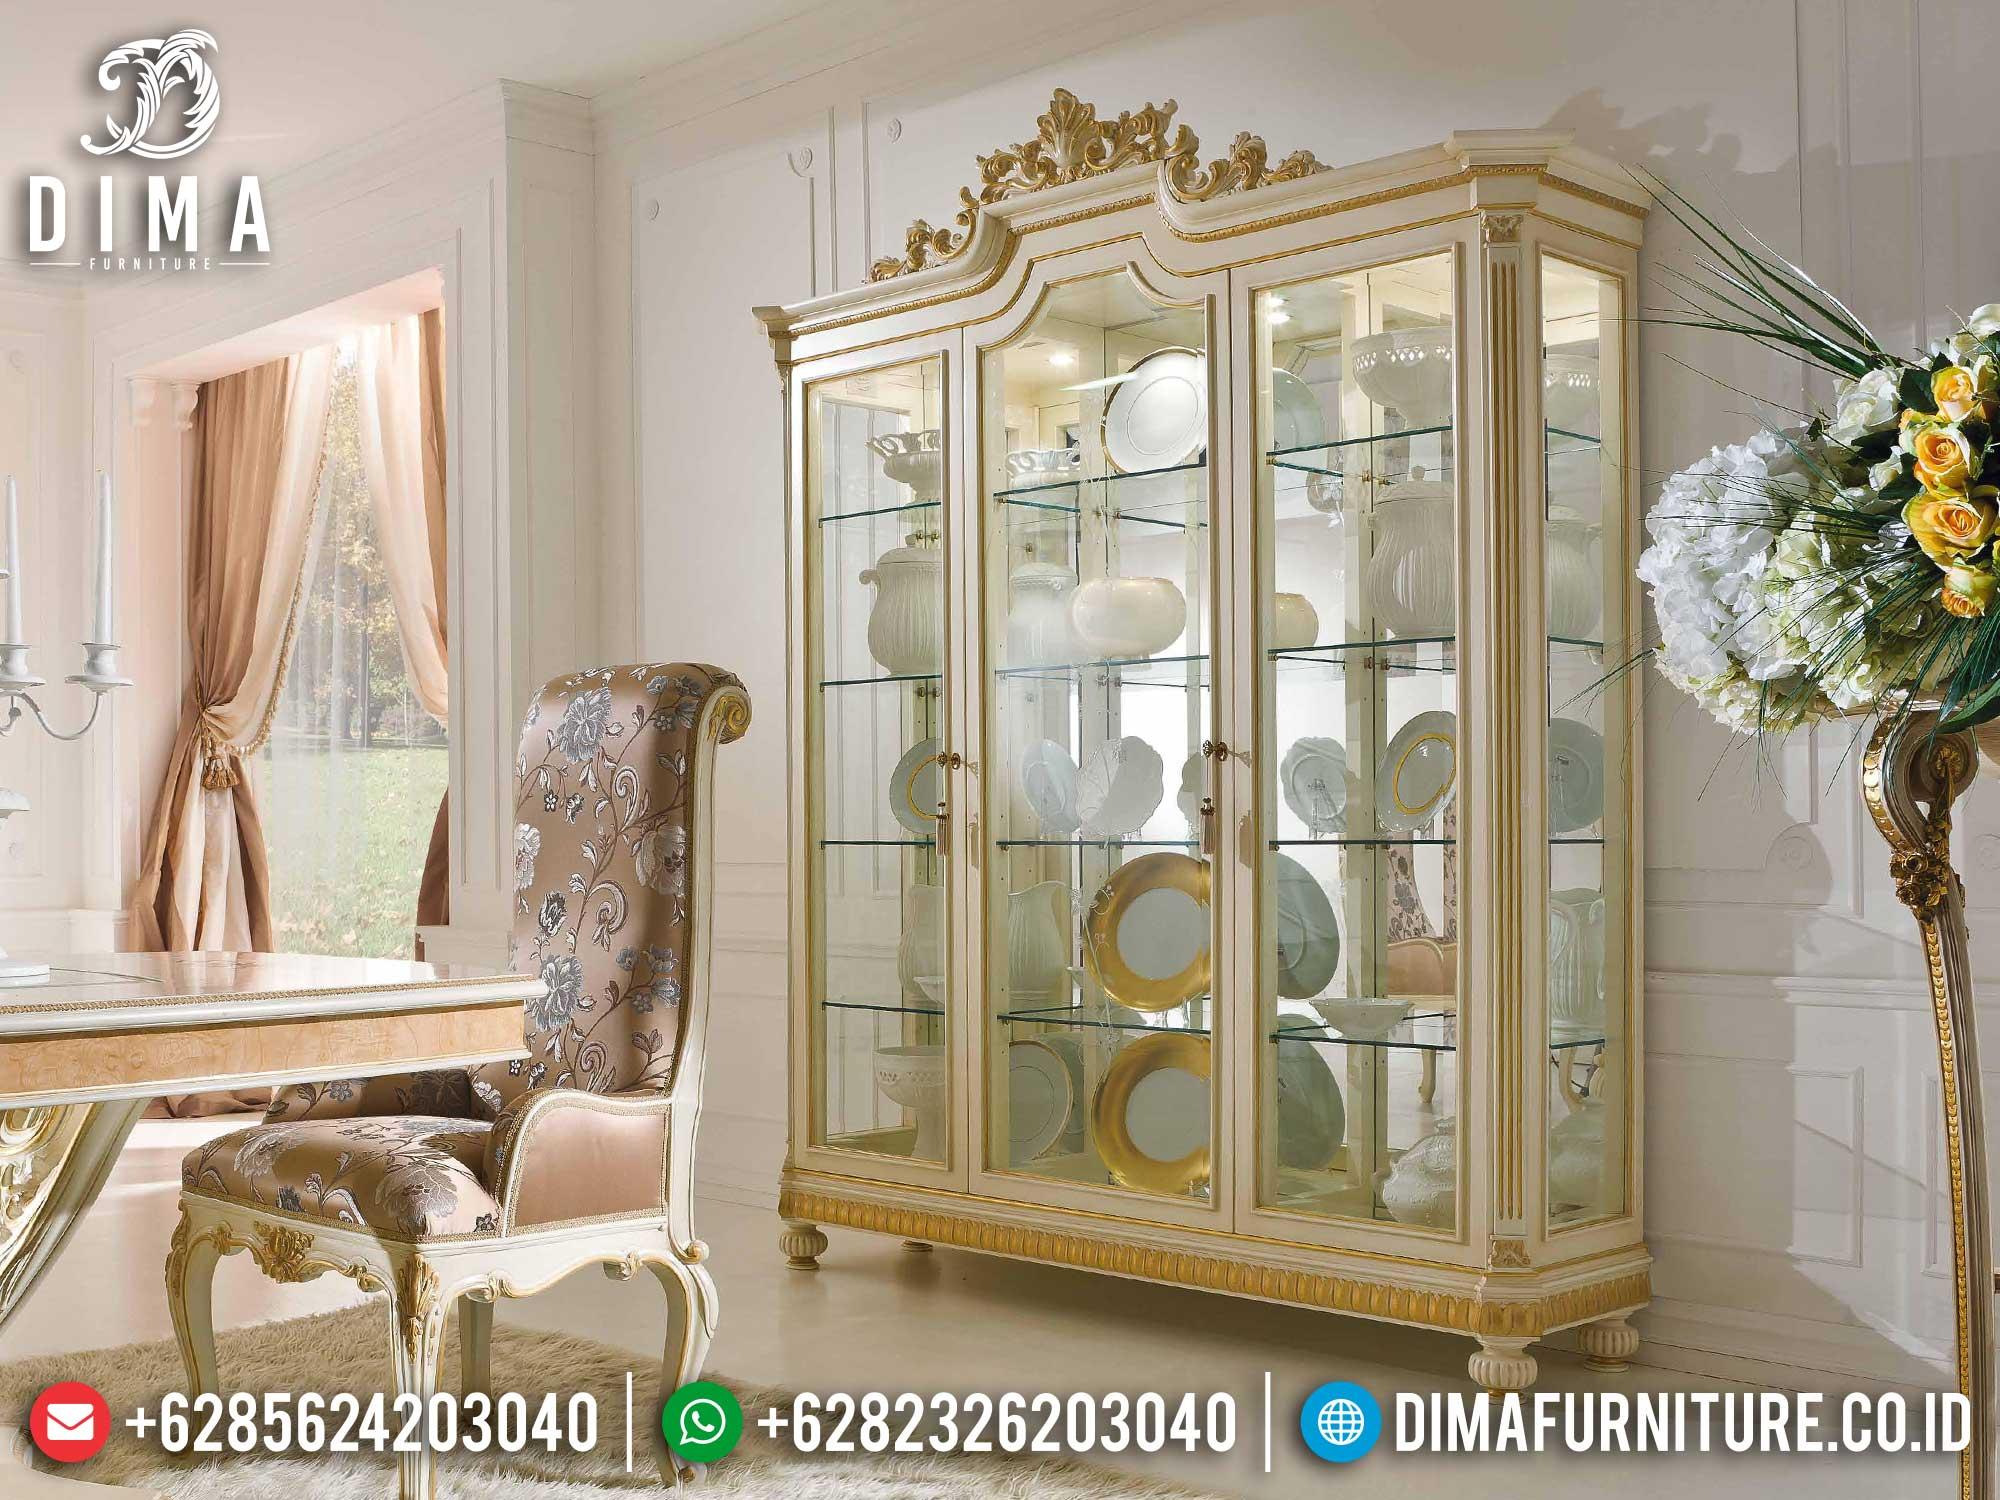 Jual Lemari Hias Mewah Jepara Best Collection Furniture Jepara Terbaru TTJ-1399